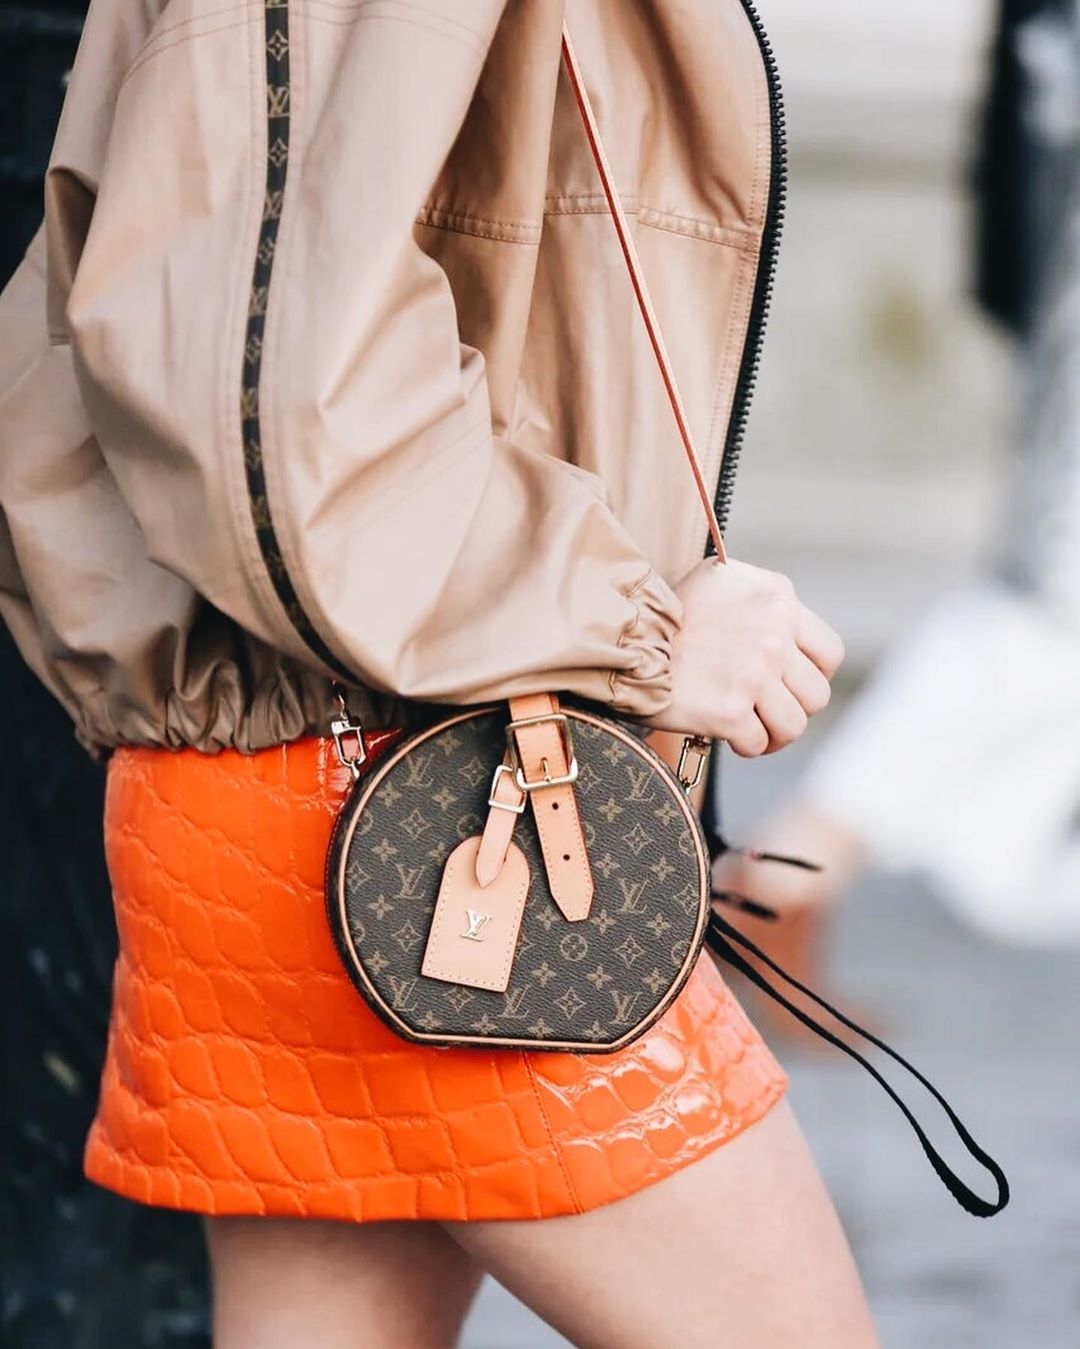 Túi xách thương hiệu thời trang Louis Vuitton hình tròn in hologram